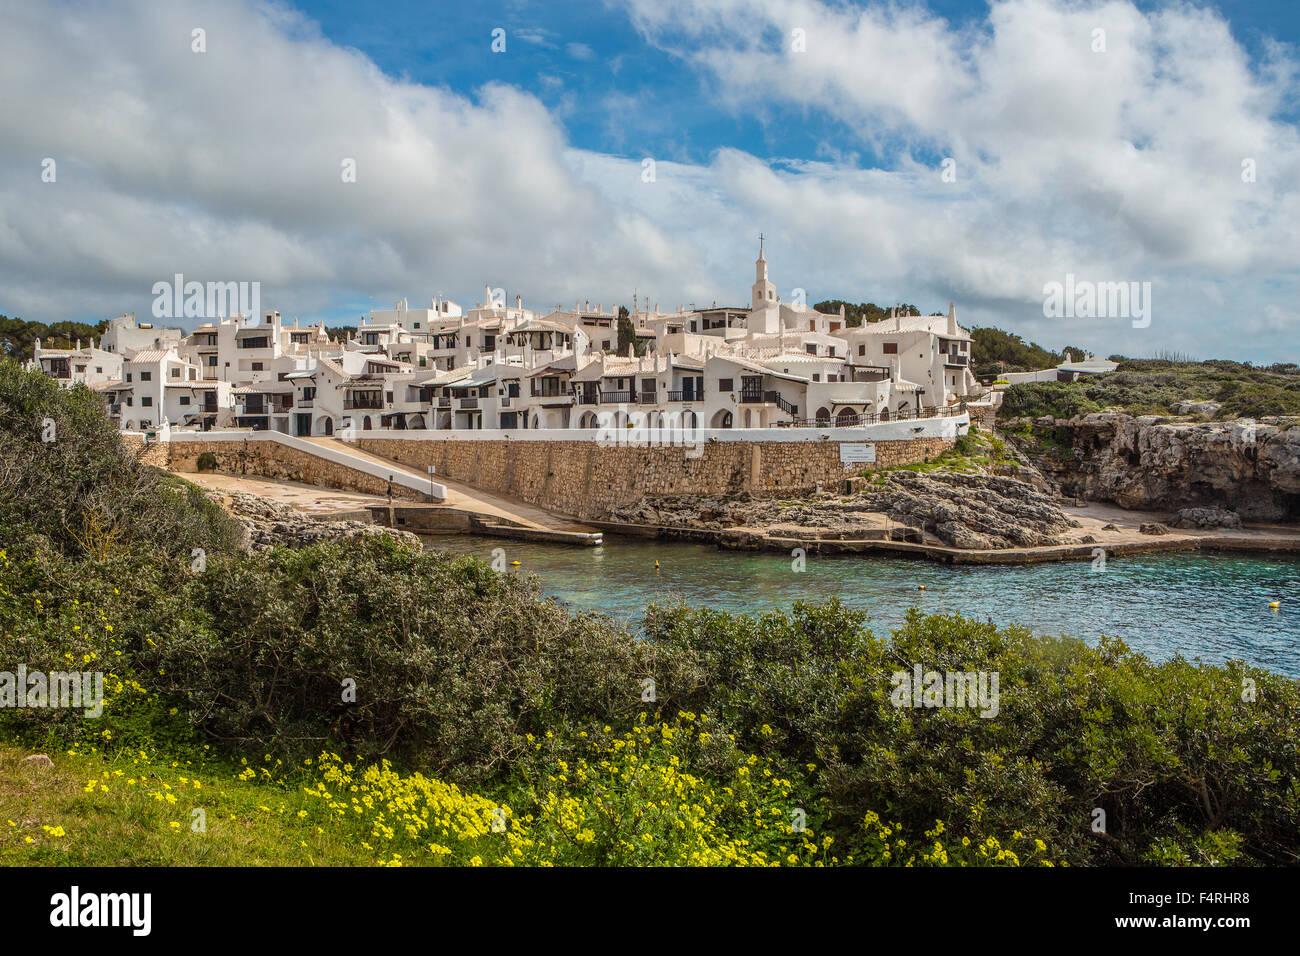 Islas Baleares, Binibeca, pueblo pesquero, Paisaje, Menorca, la isla, antiguo Binibeca, España, Europa, ARCO, Imagen De Stock